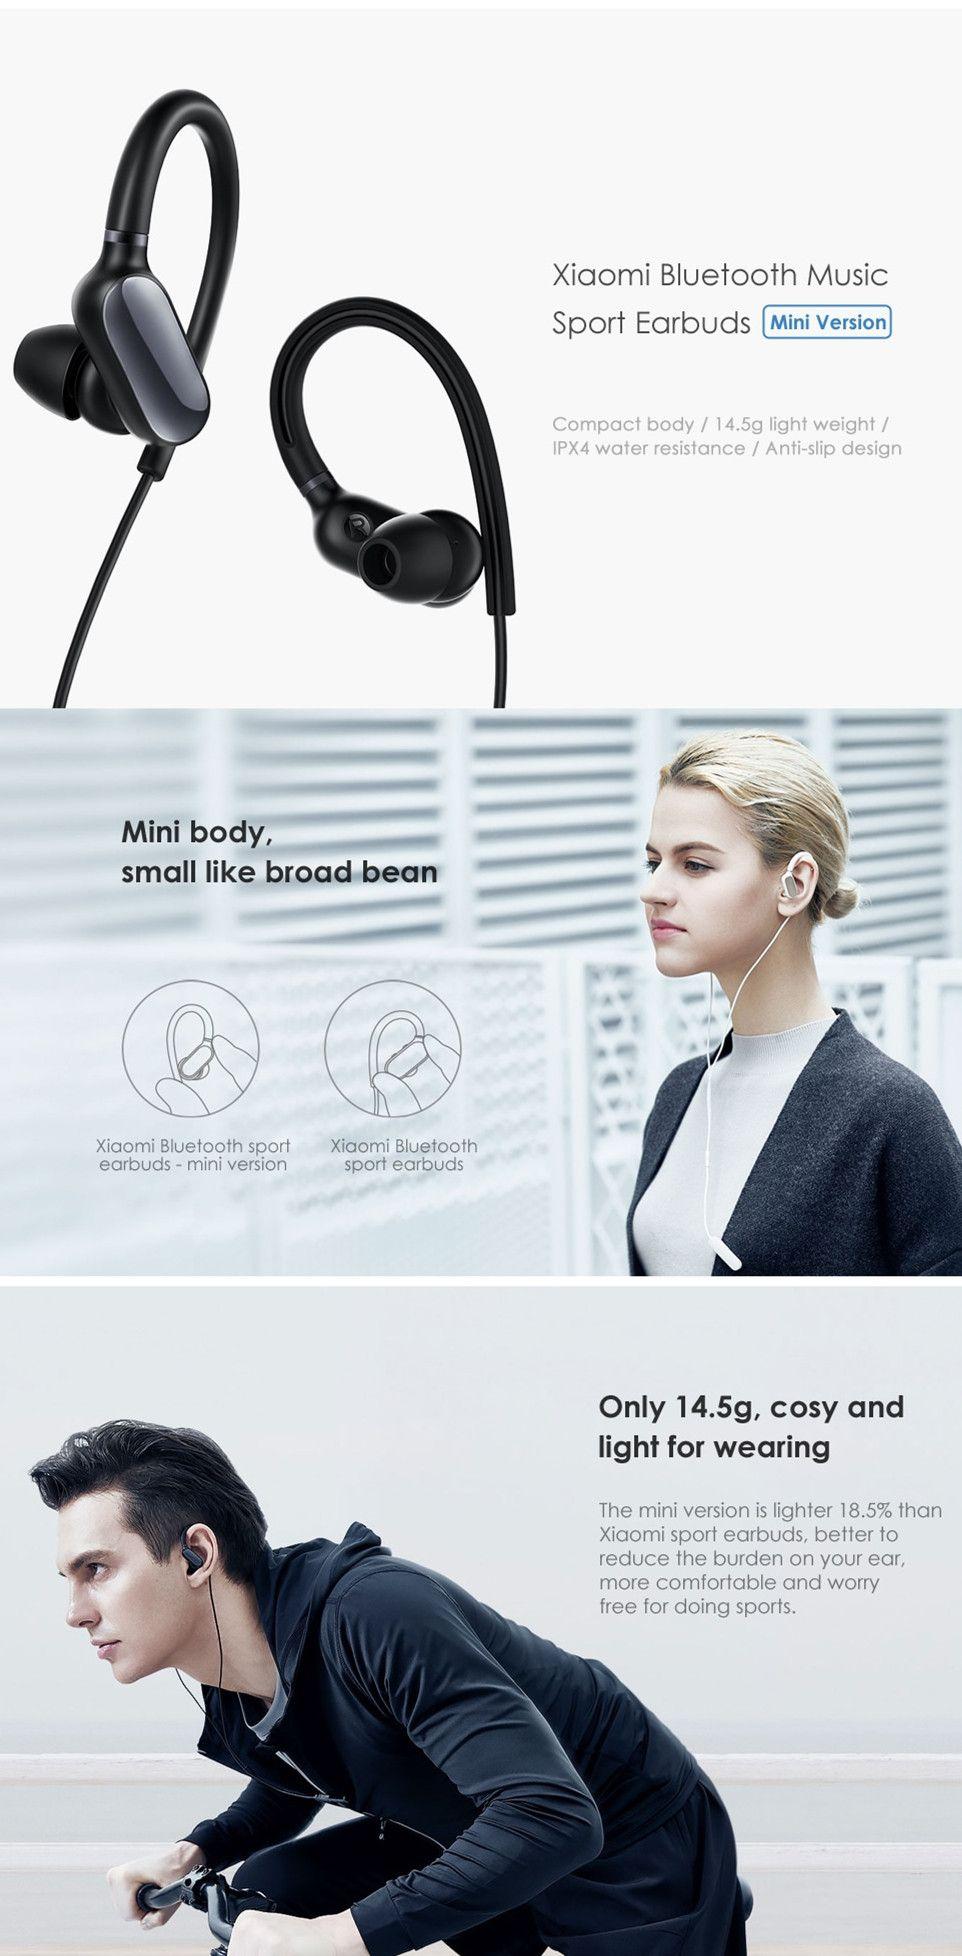 2a72ac56698 Original Xiaomi Bluetooth Music Sport Earbuds - Mini Version | High ...